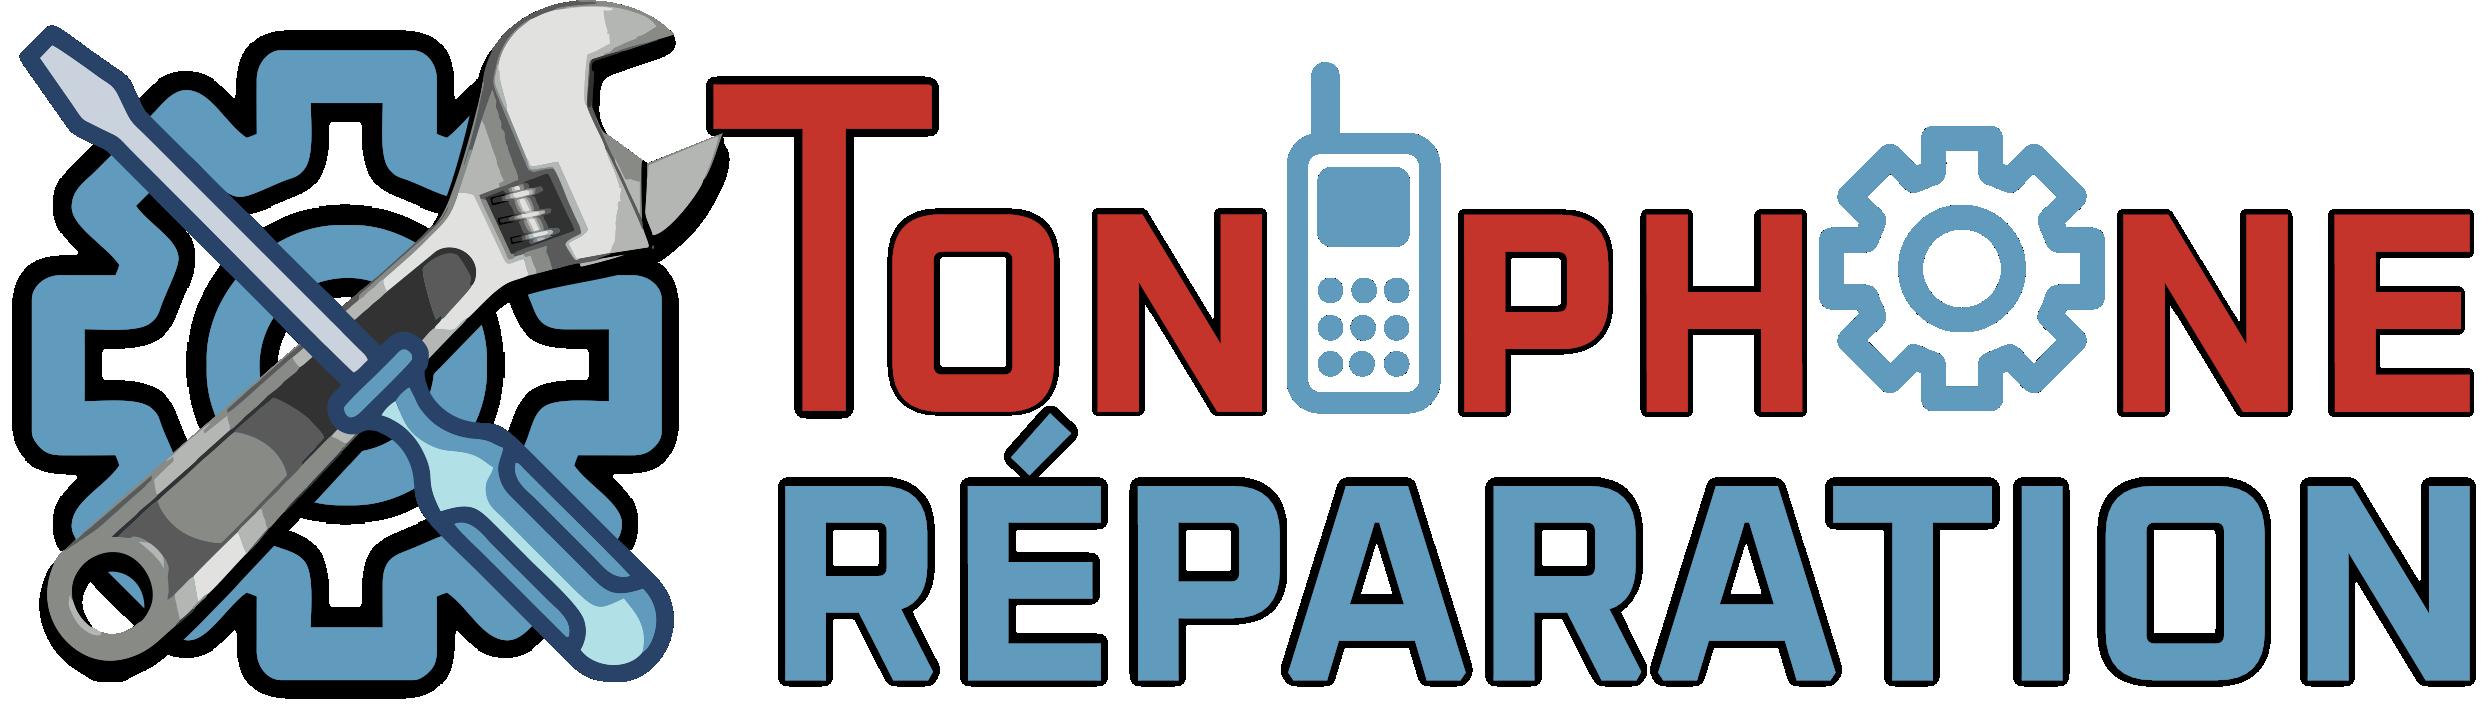 toniphone réparation